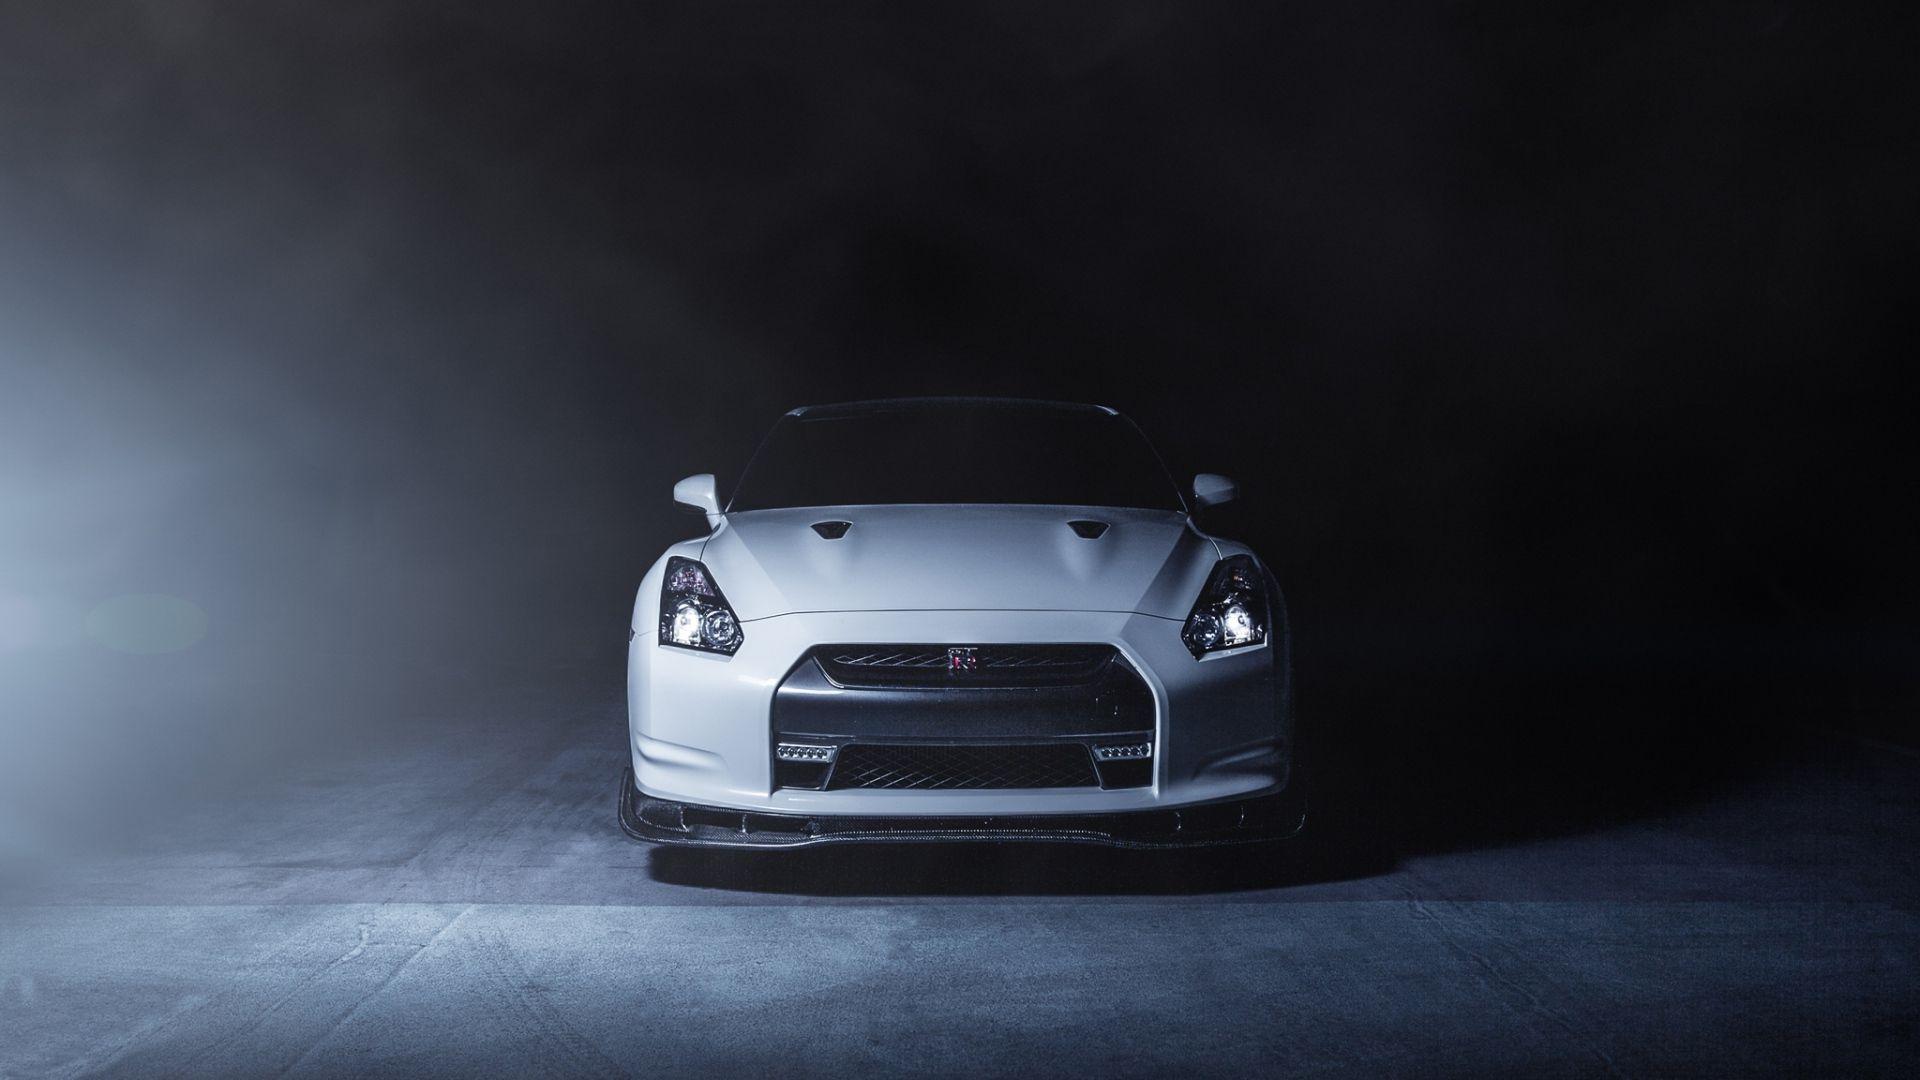 Nissan GTR R HD Desktop Wallpaper High Definition Fullscreen